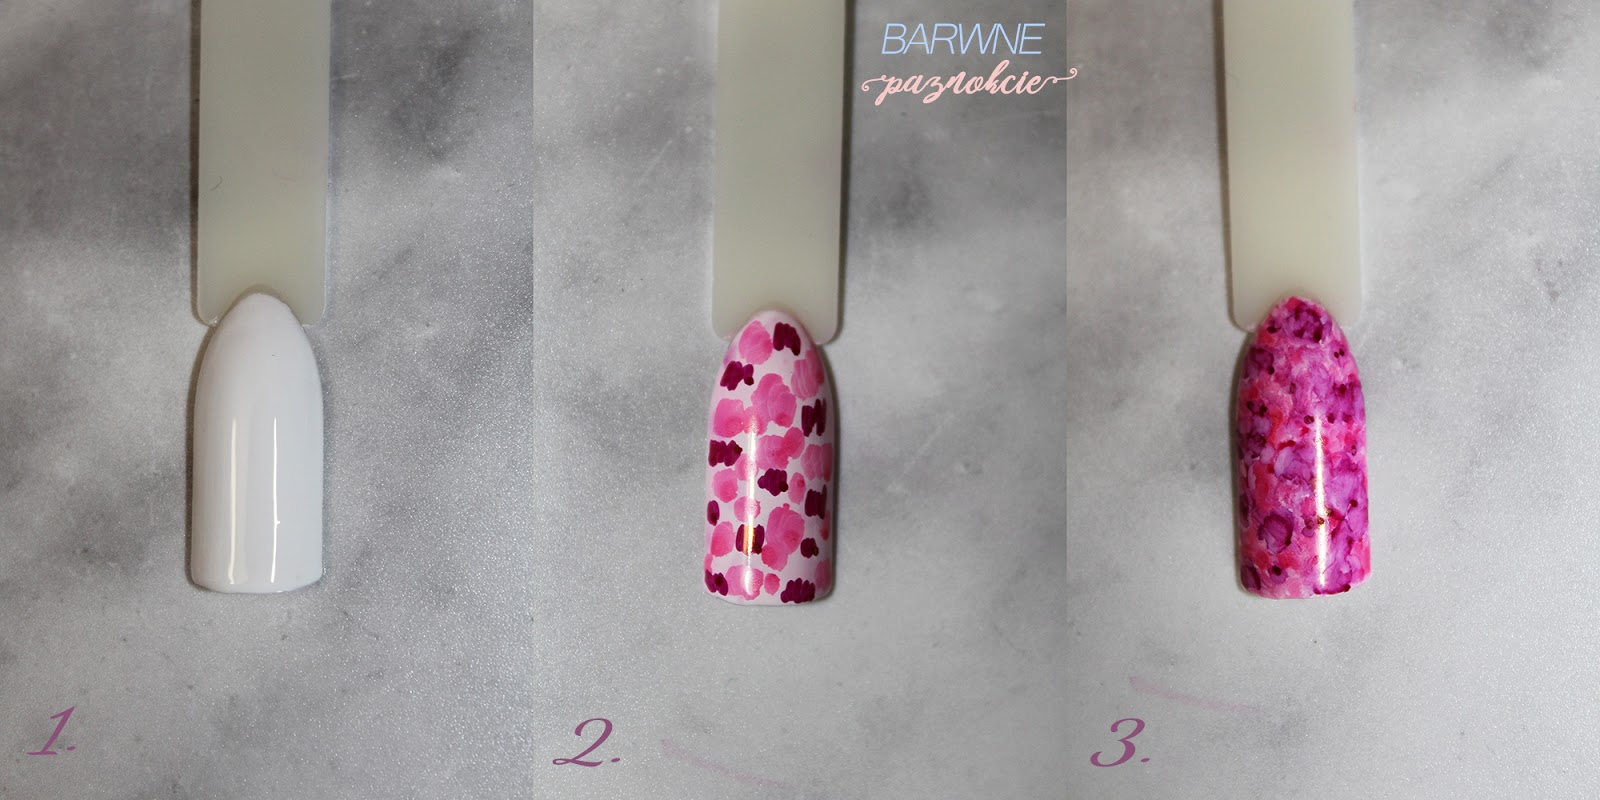 Sharpie Effect - step by step - manicure hybrydowy - barwne paznokcie - krok po kroku